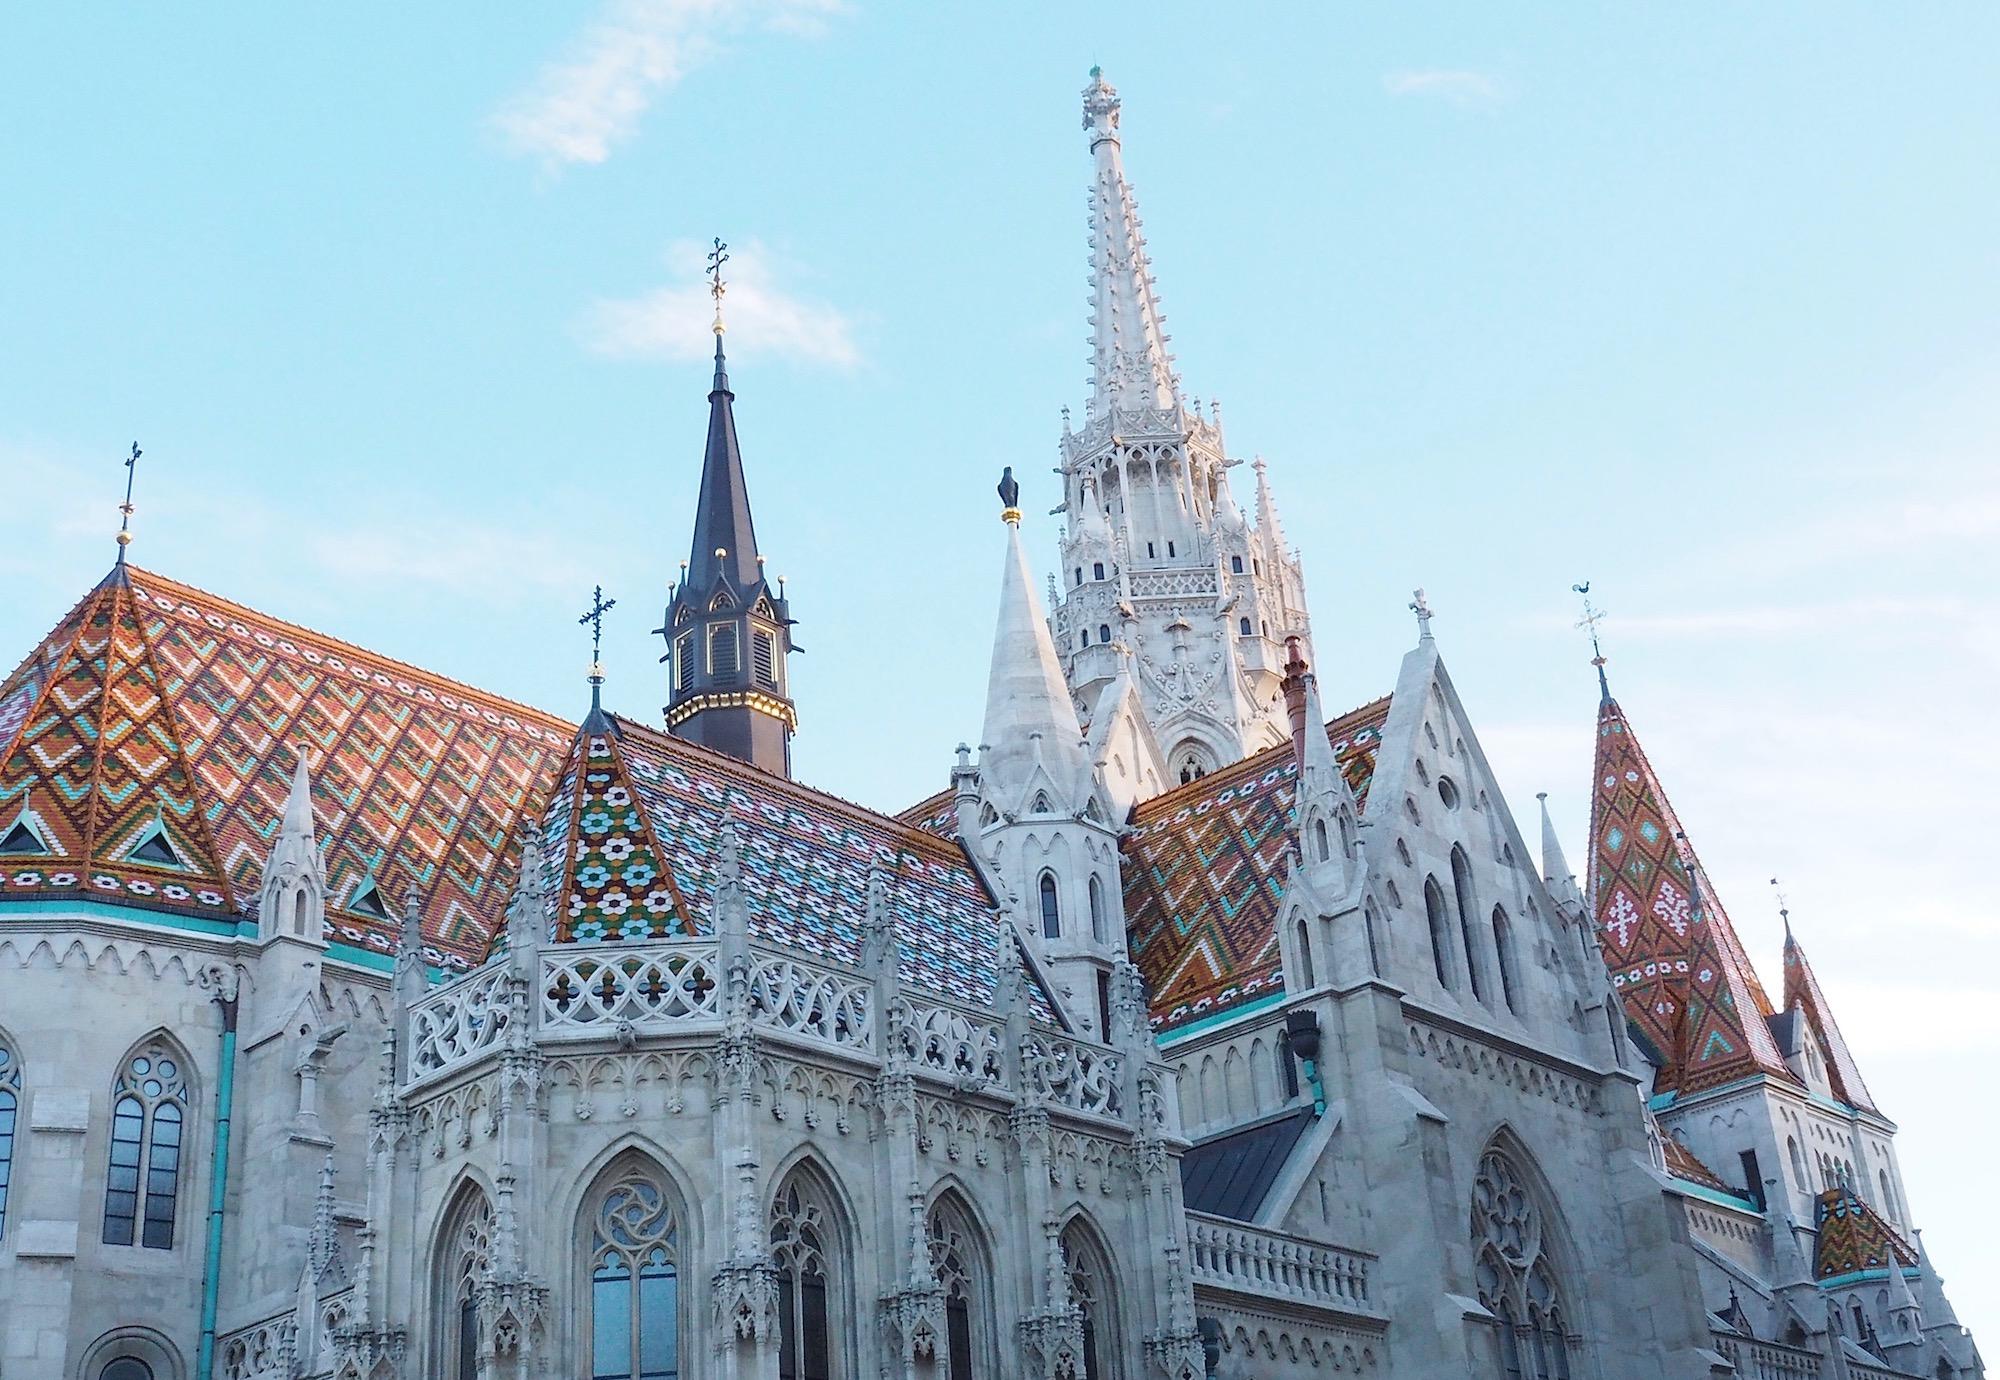 Visite de Budapest en famille, itinéraire sur 5 jours - Bord du Danube - Bastion des Pêcheurs